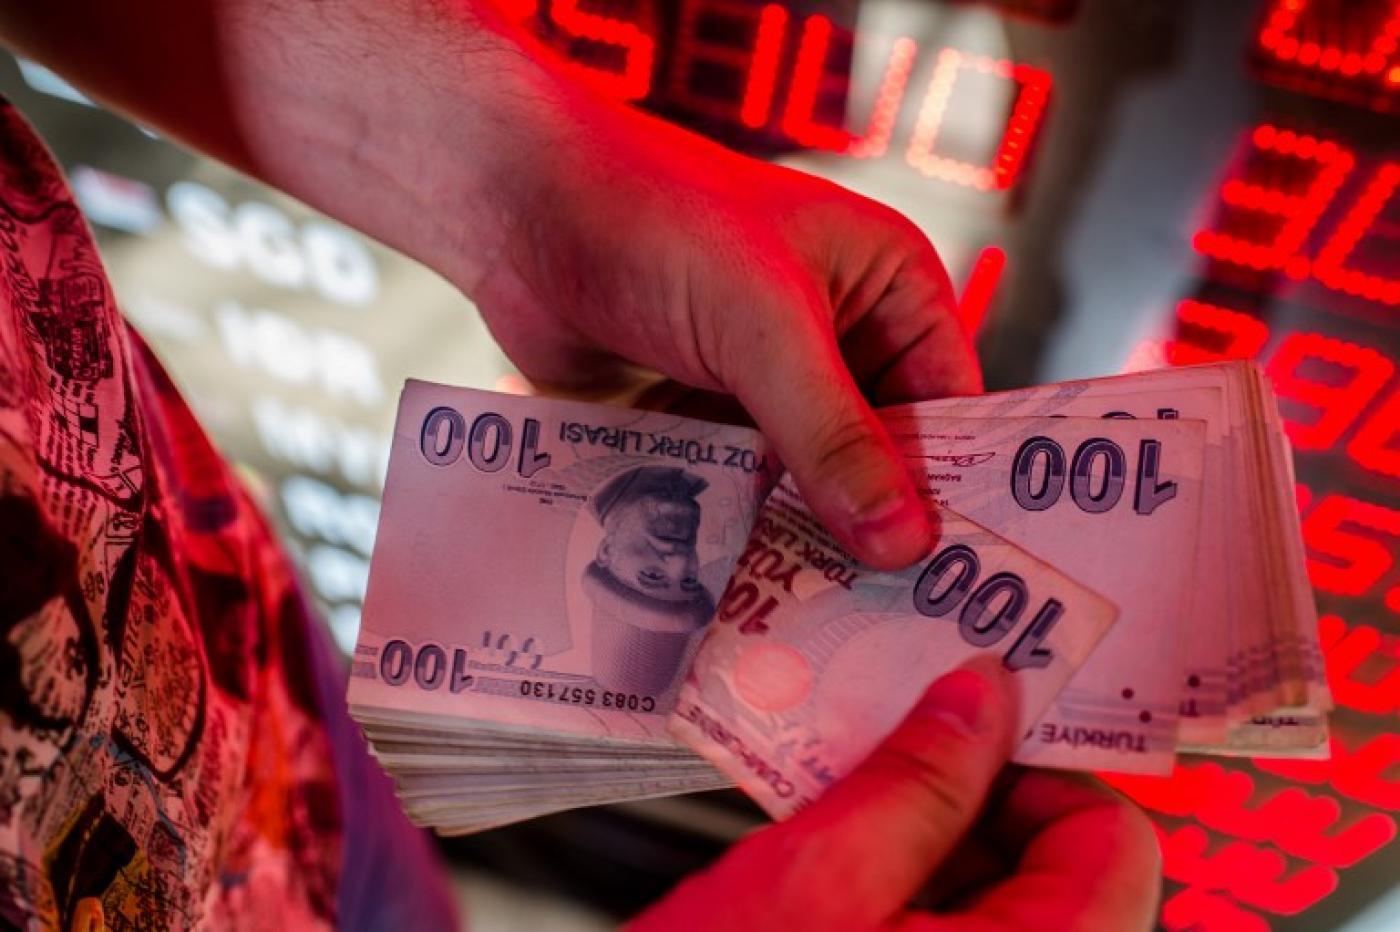 نرخ ارز و طلا در بازار آزاد استانبول جمعه 3 بهمن 99